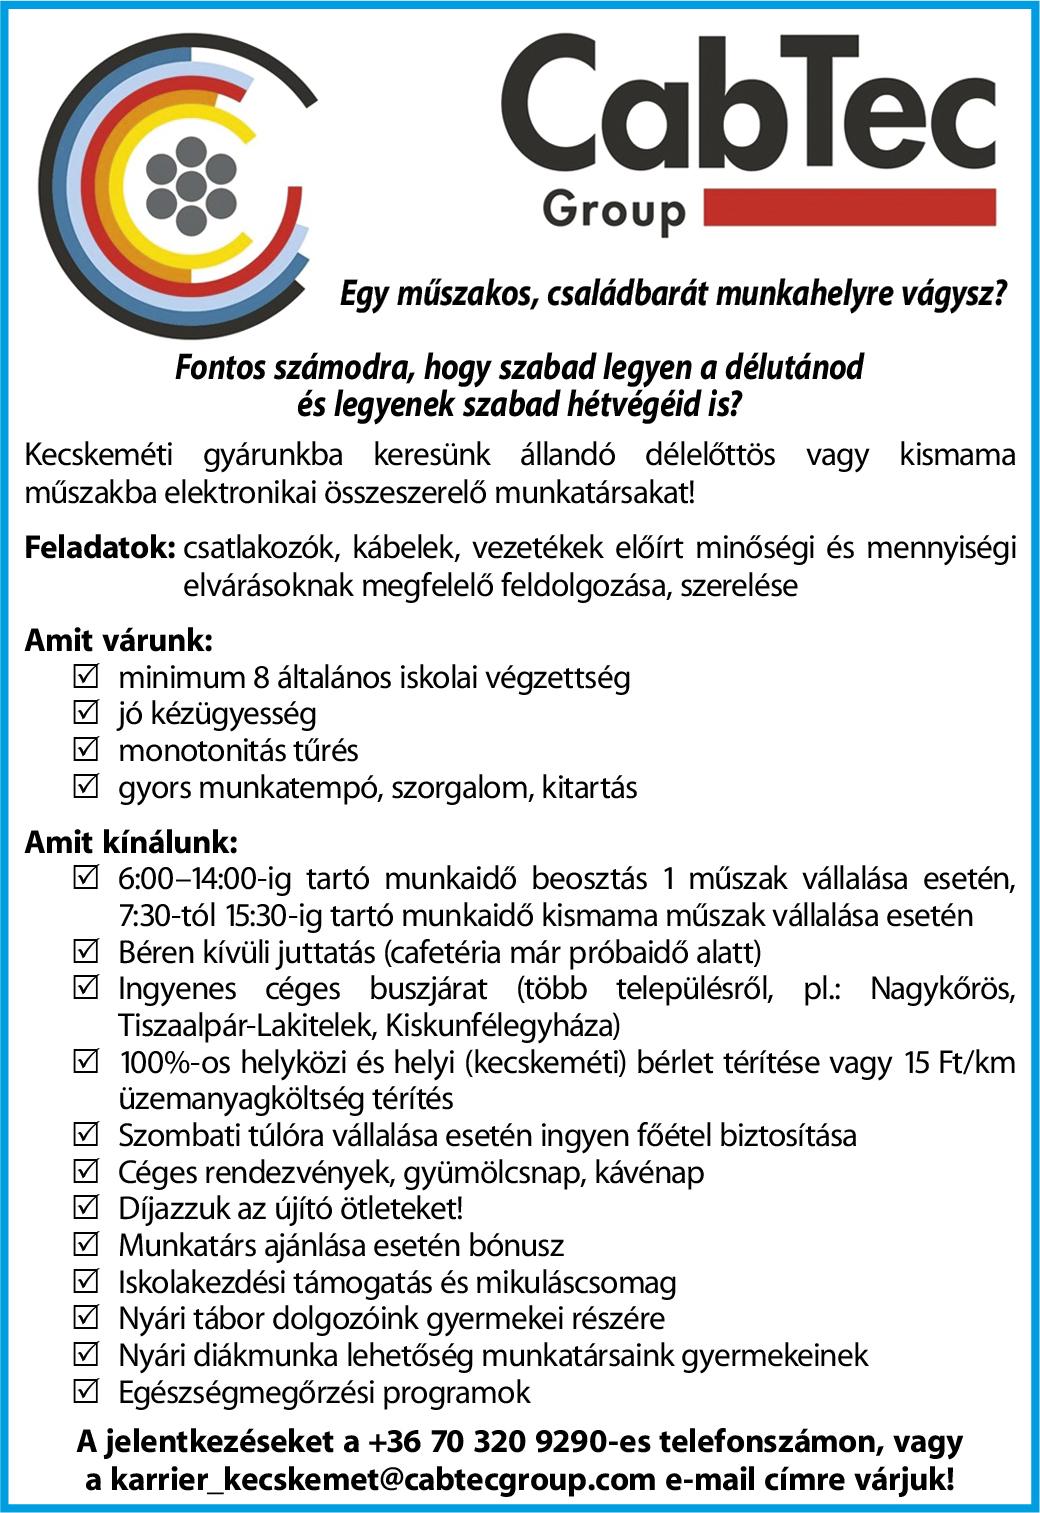 CabTec Group- Munkatársat keresünk!